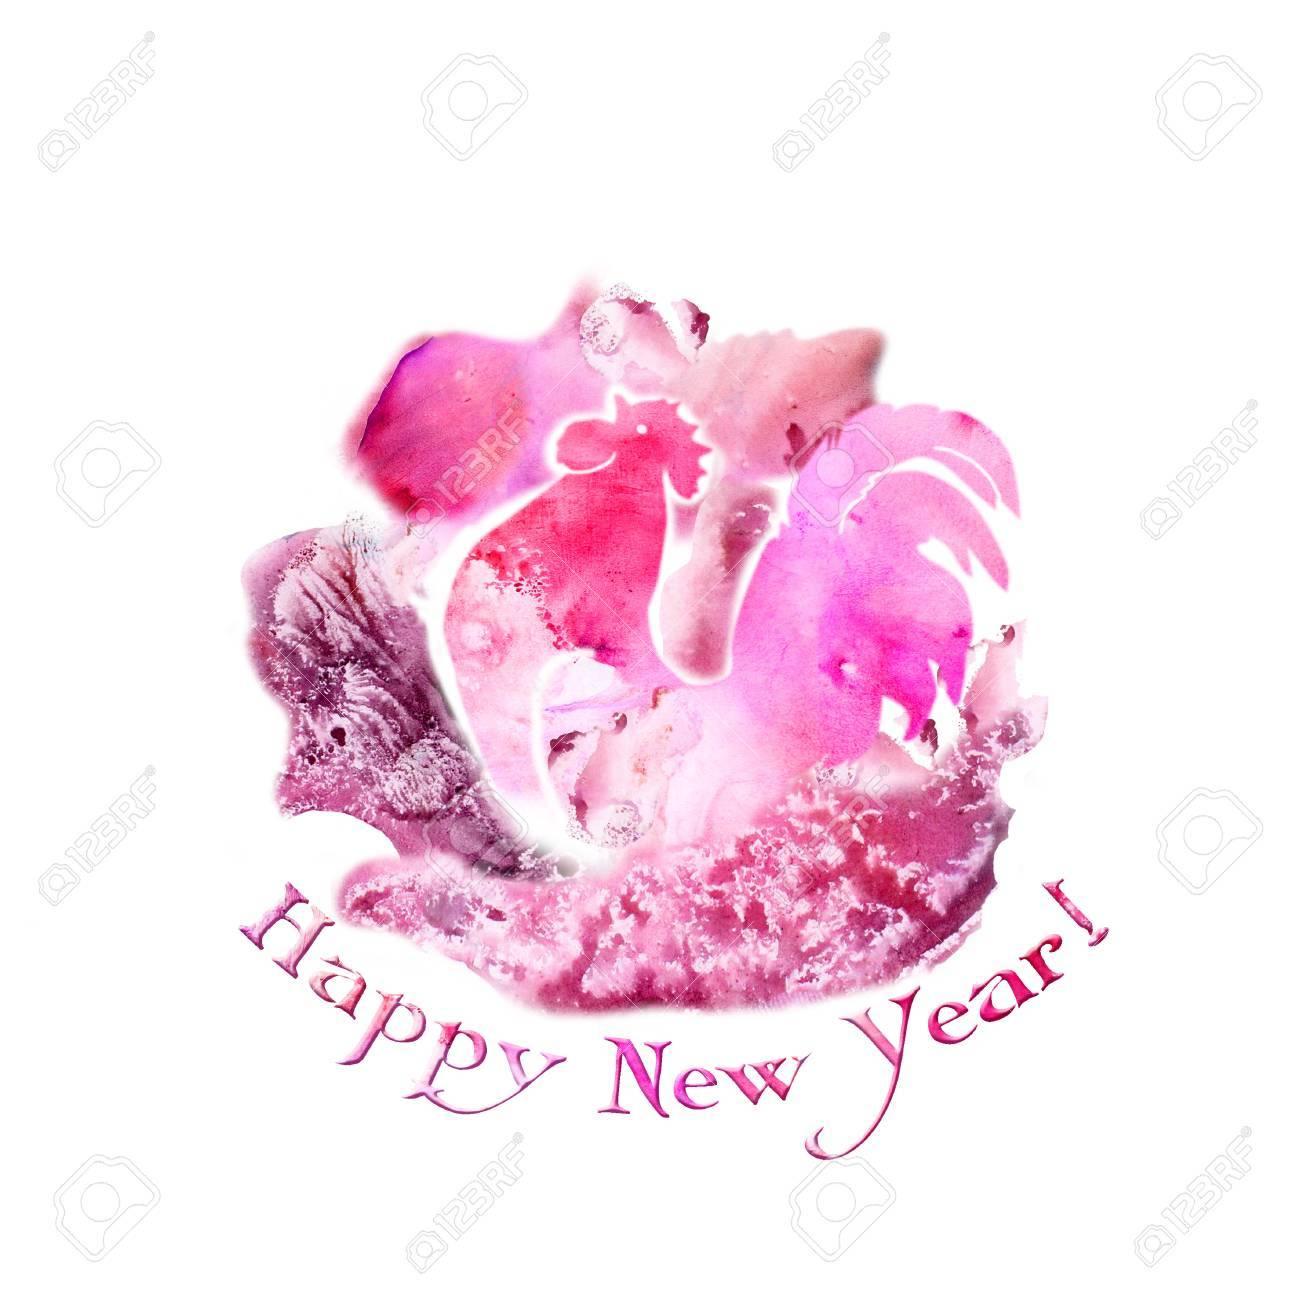 無料ピンク ペイント デザインの抽象的な背景の水彩画オンドリ。新年